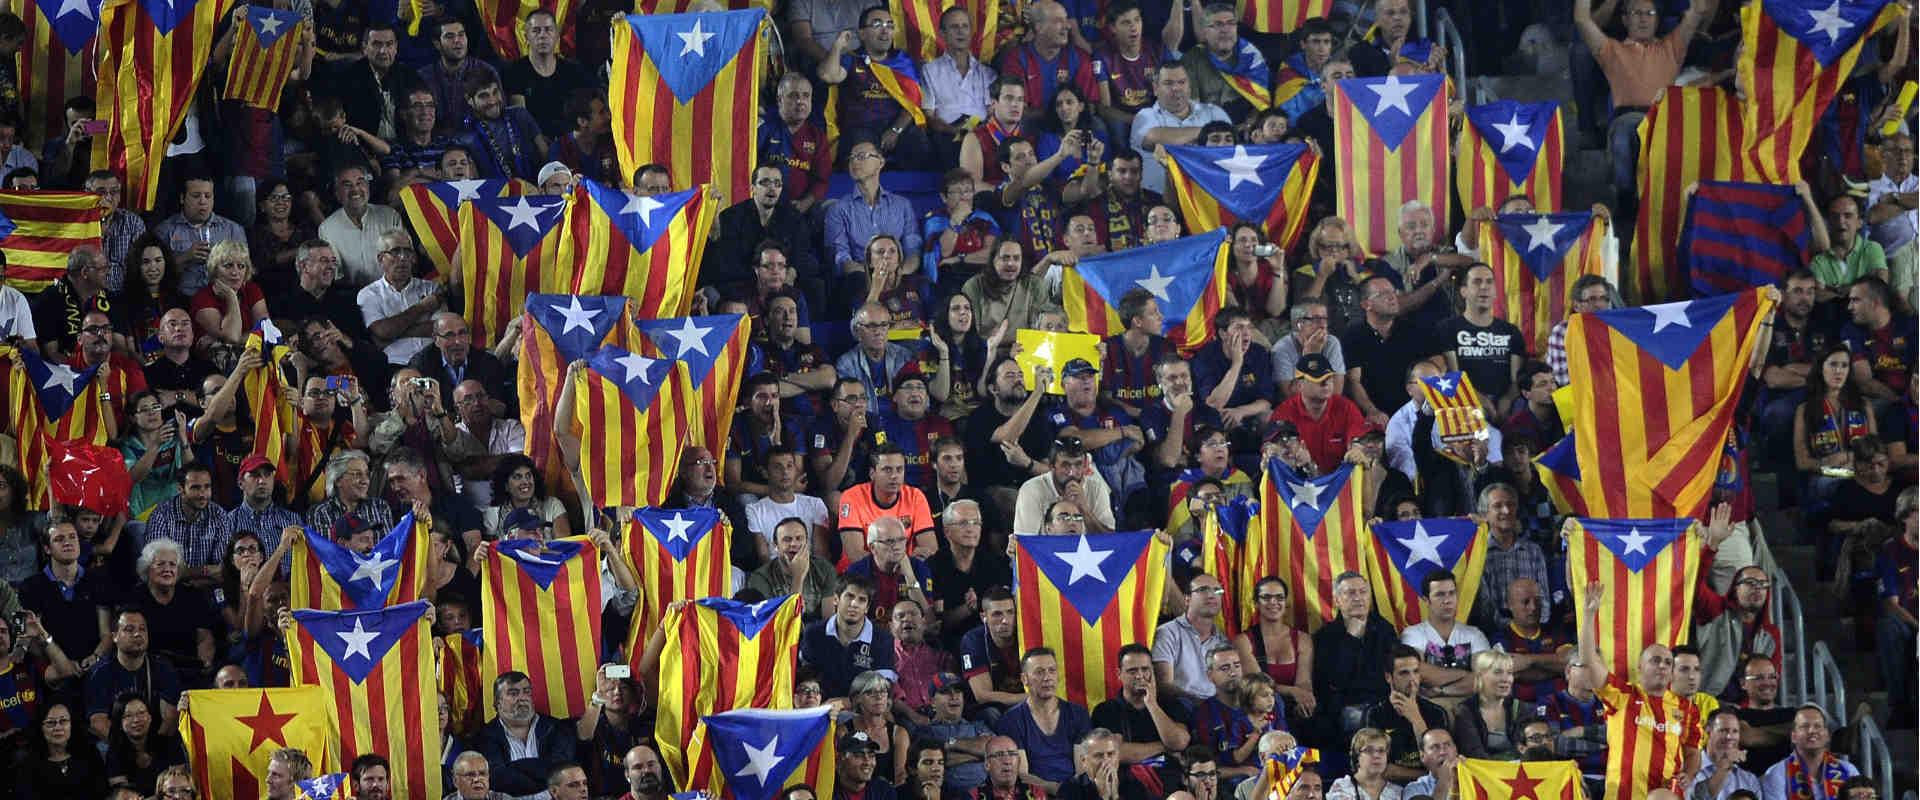 אוהדי ברצלונה מניפים את דגלי קטלוניה (ארכיון)